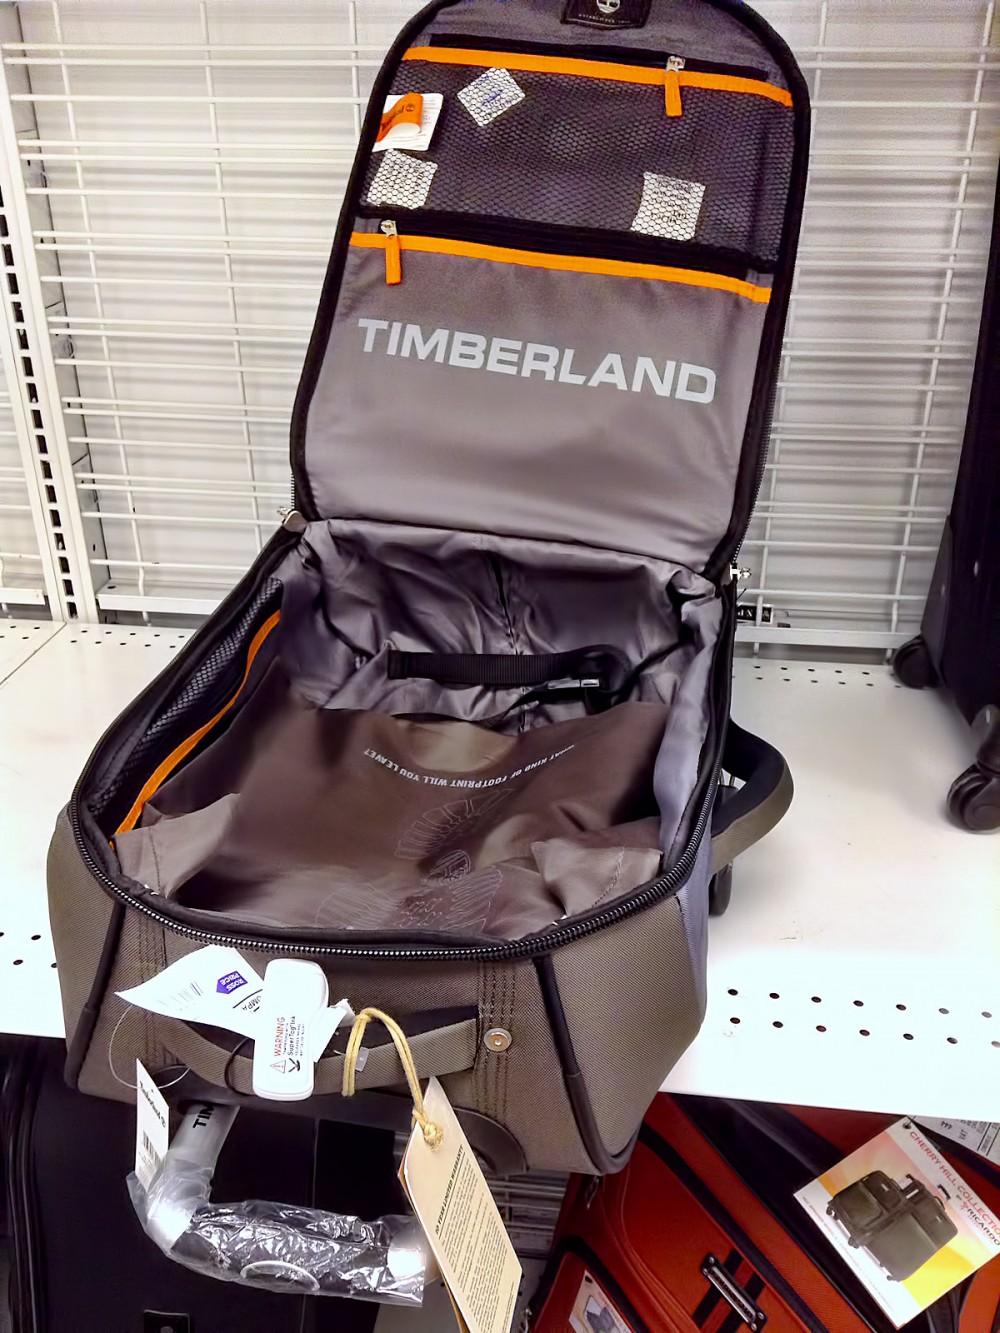 使いやすい内装 ティンバーランドのスーツケース (ロスドレスフォーレス)